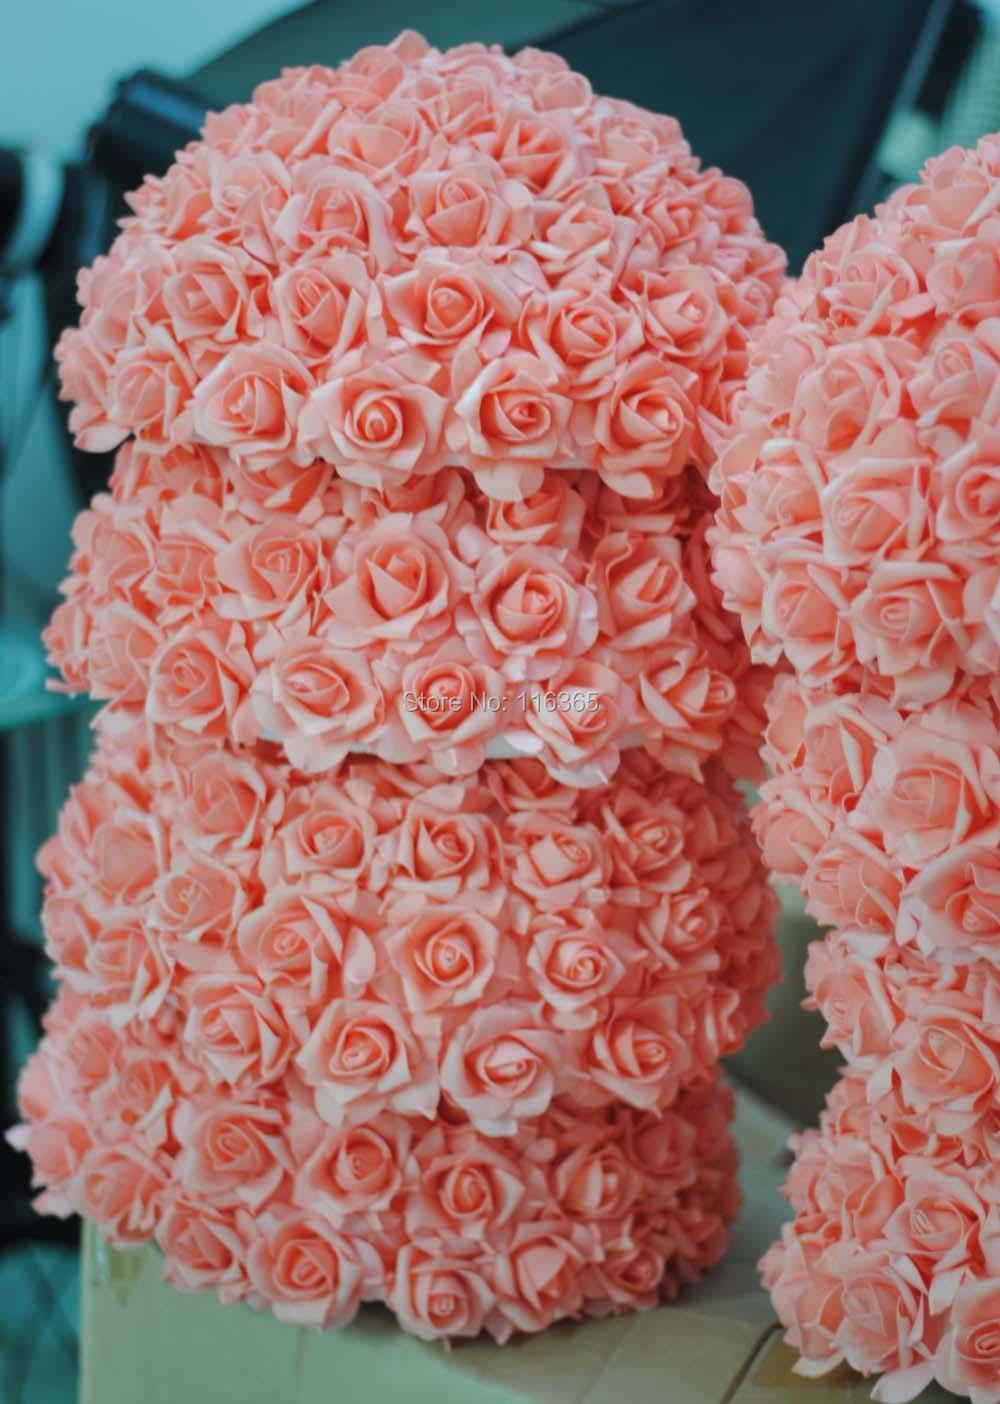 15 38cm 7pcs coral wedding flowers foam rose flower ball decorative coral centerpiece pomander